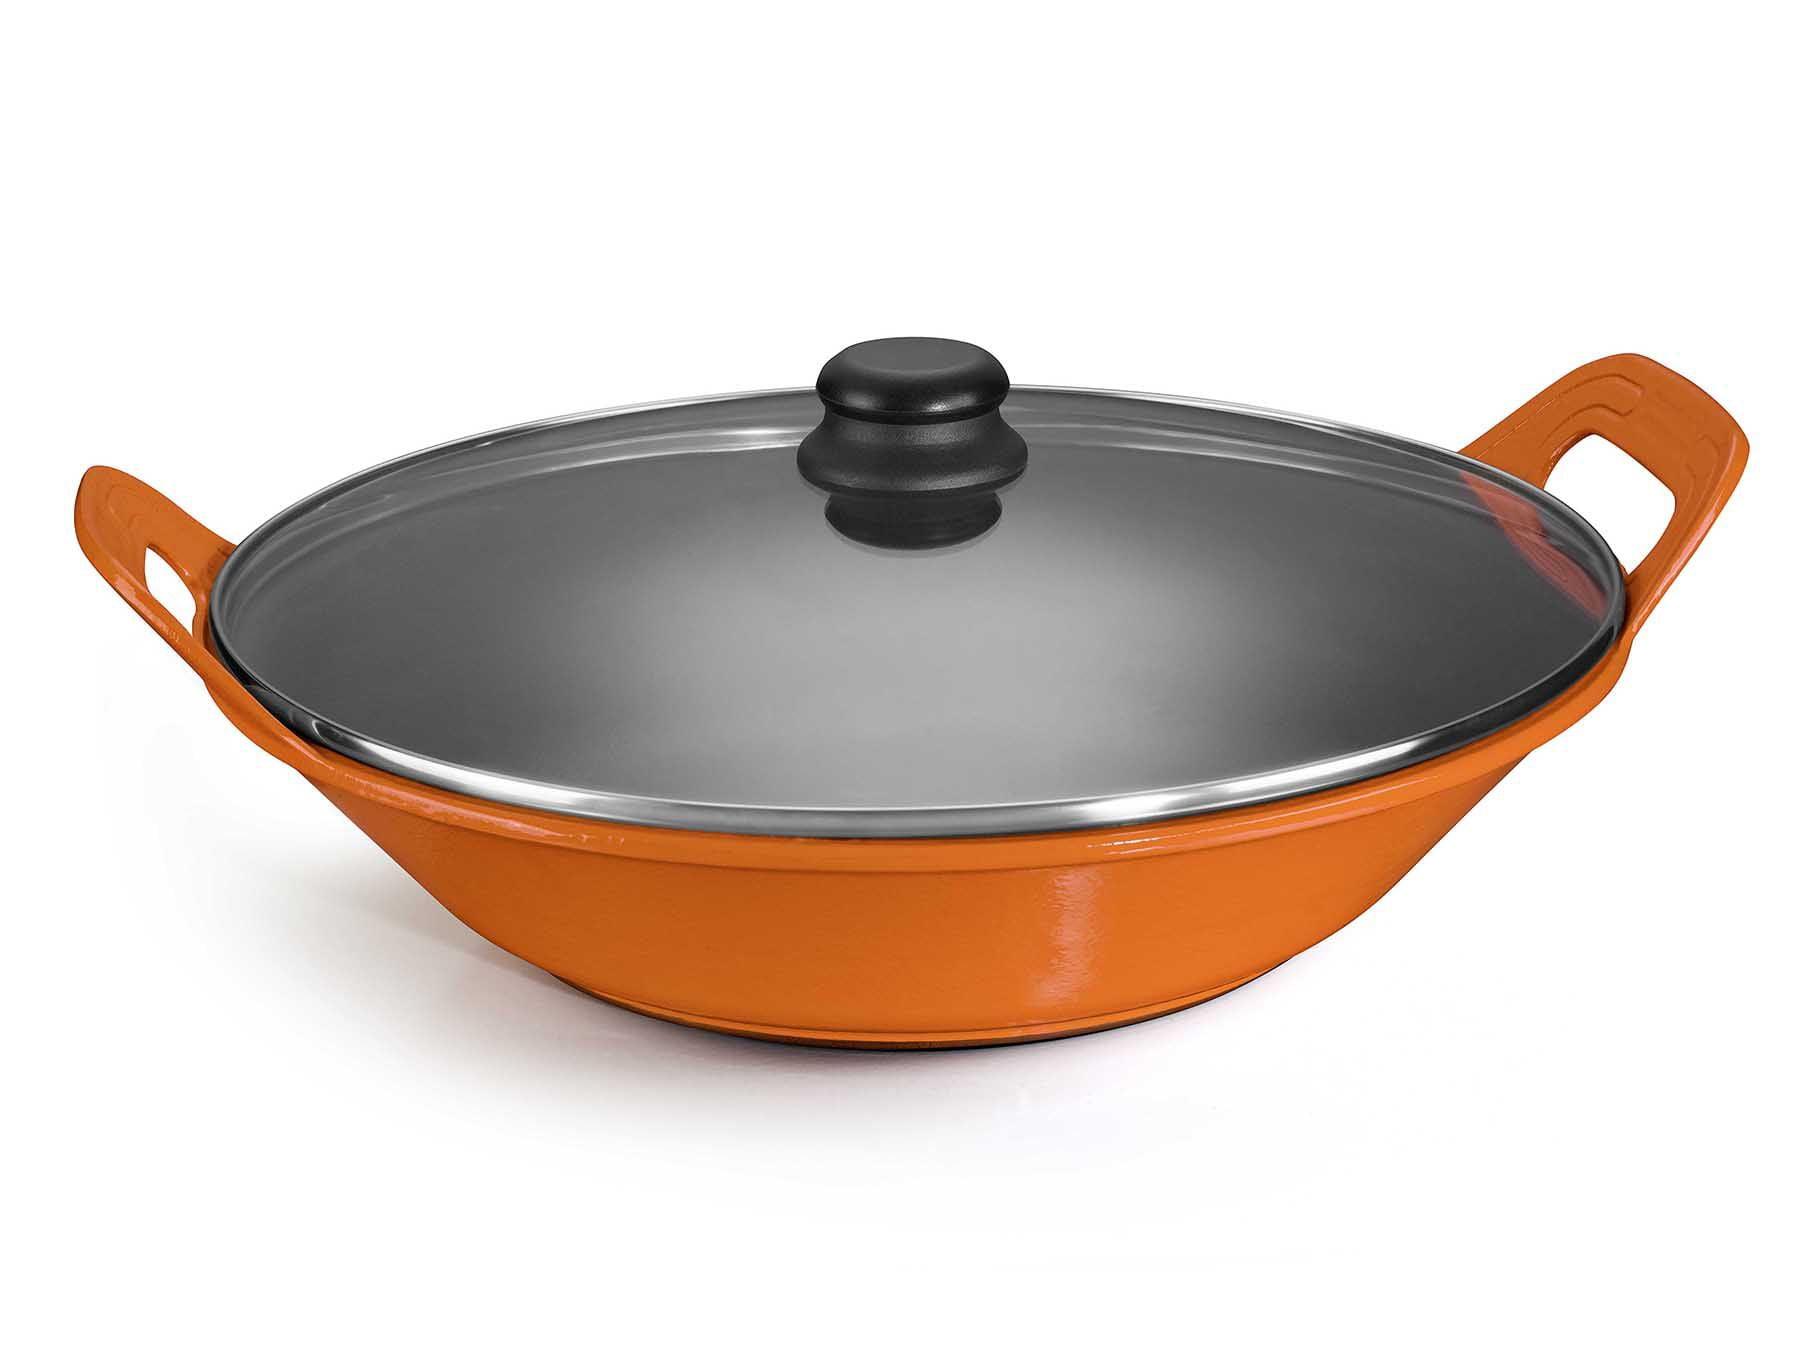 panela de ferro fundido laranja para risoto com tampa de vidro, risotto, 5 litros paelleira de ferro, frigideira e assadeira